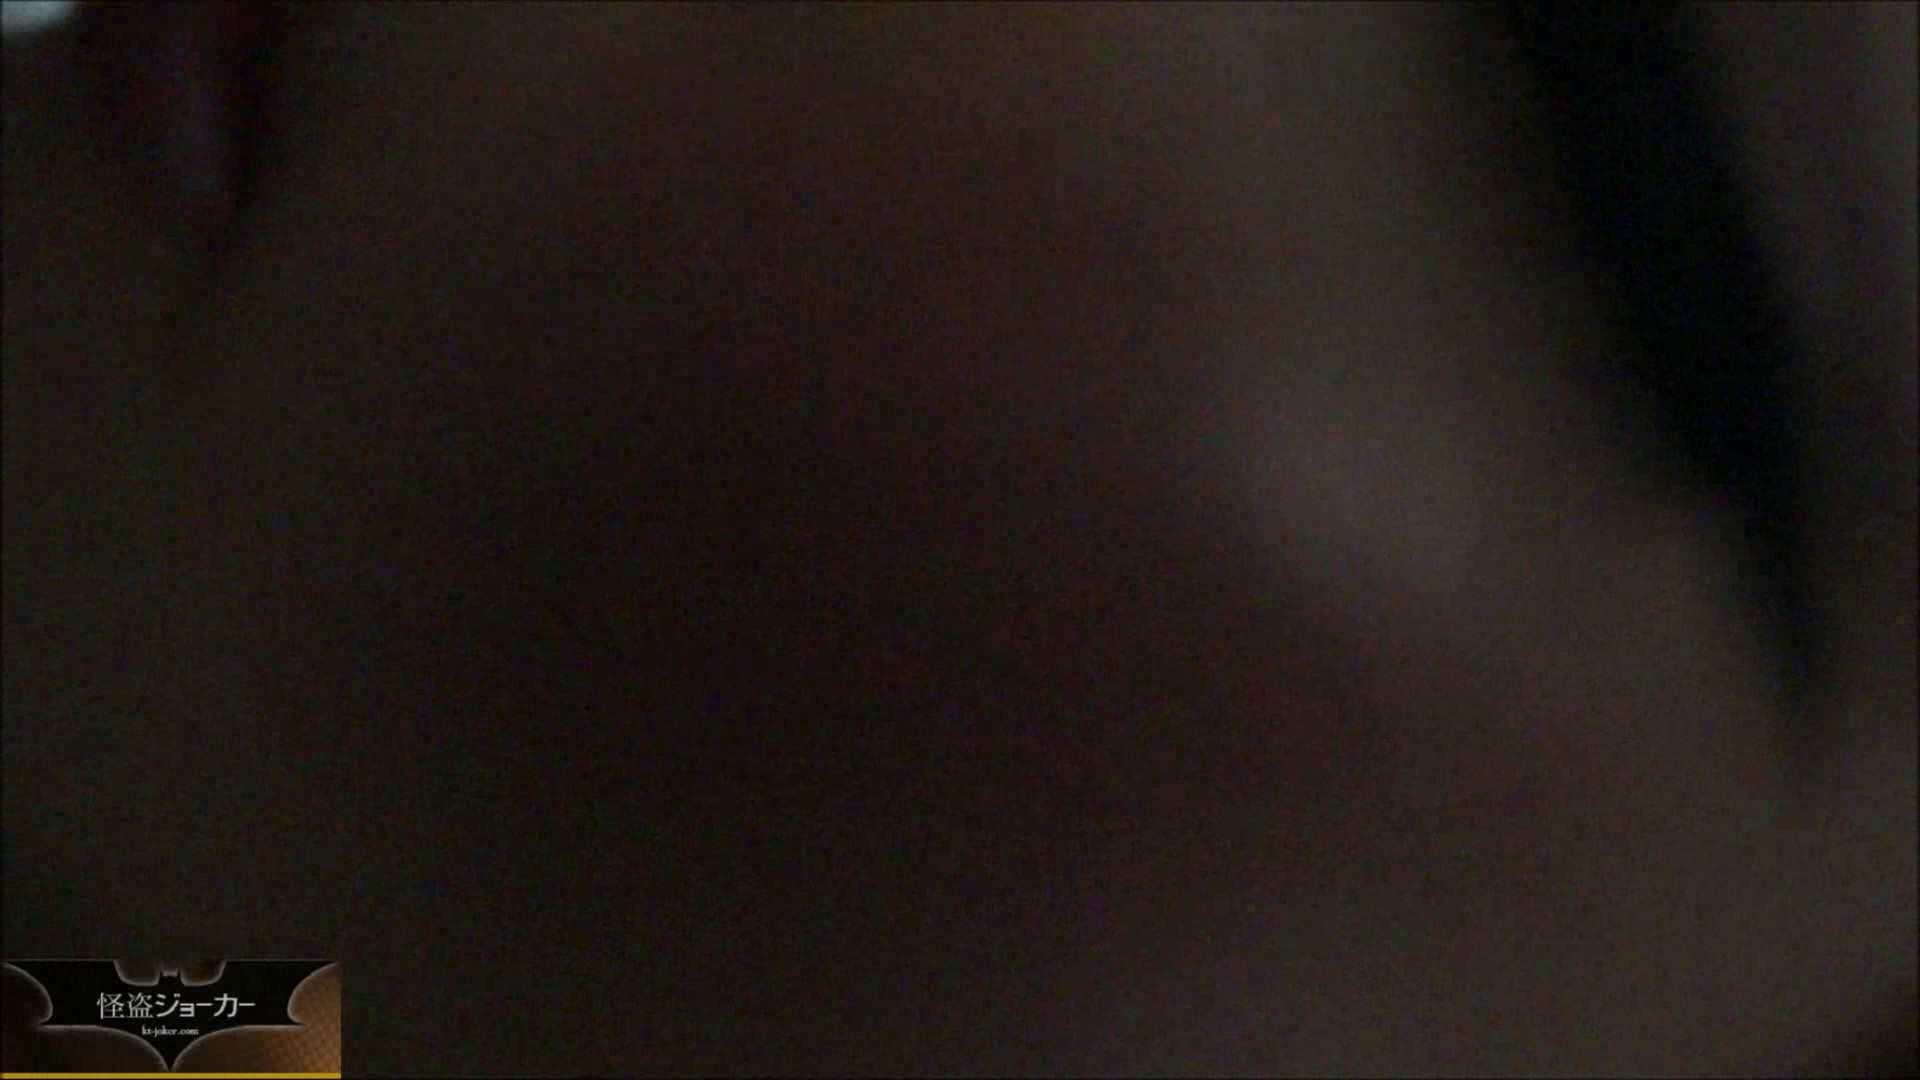 【未公開】vol.1 【ユリナの実女市・ヒトミ】若ママを目民らせて・・・ お姉さんのSEX オマンコ動画キャプチャ 106枚 68